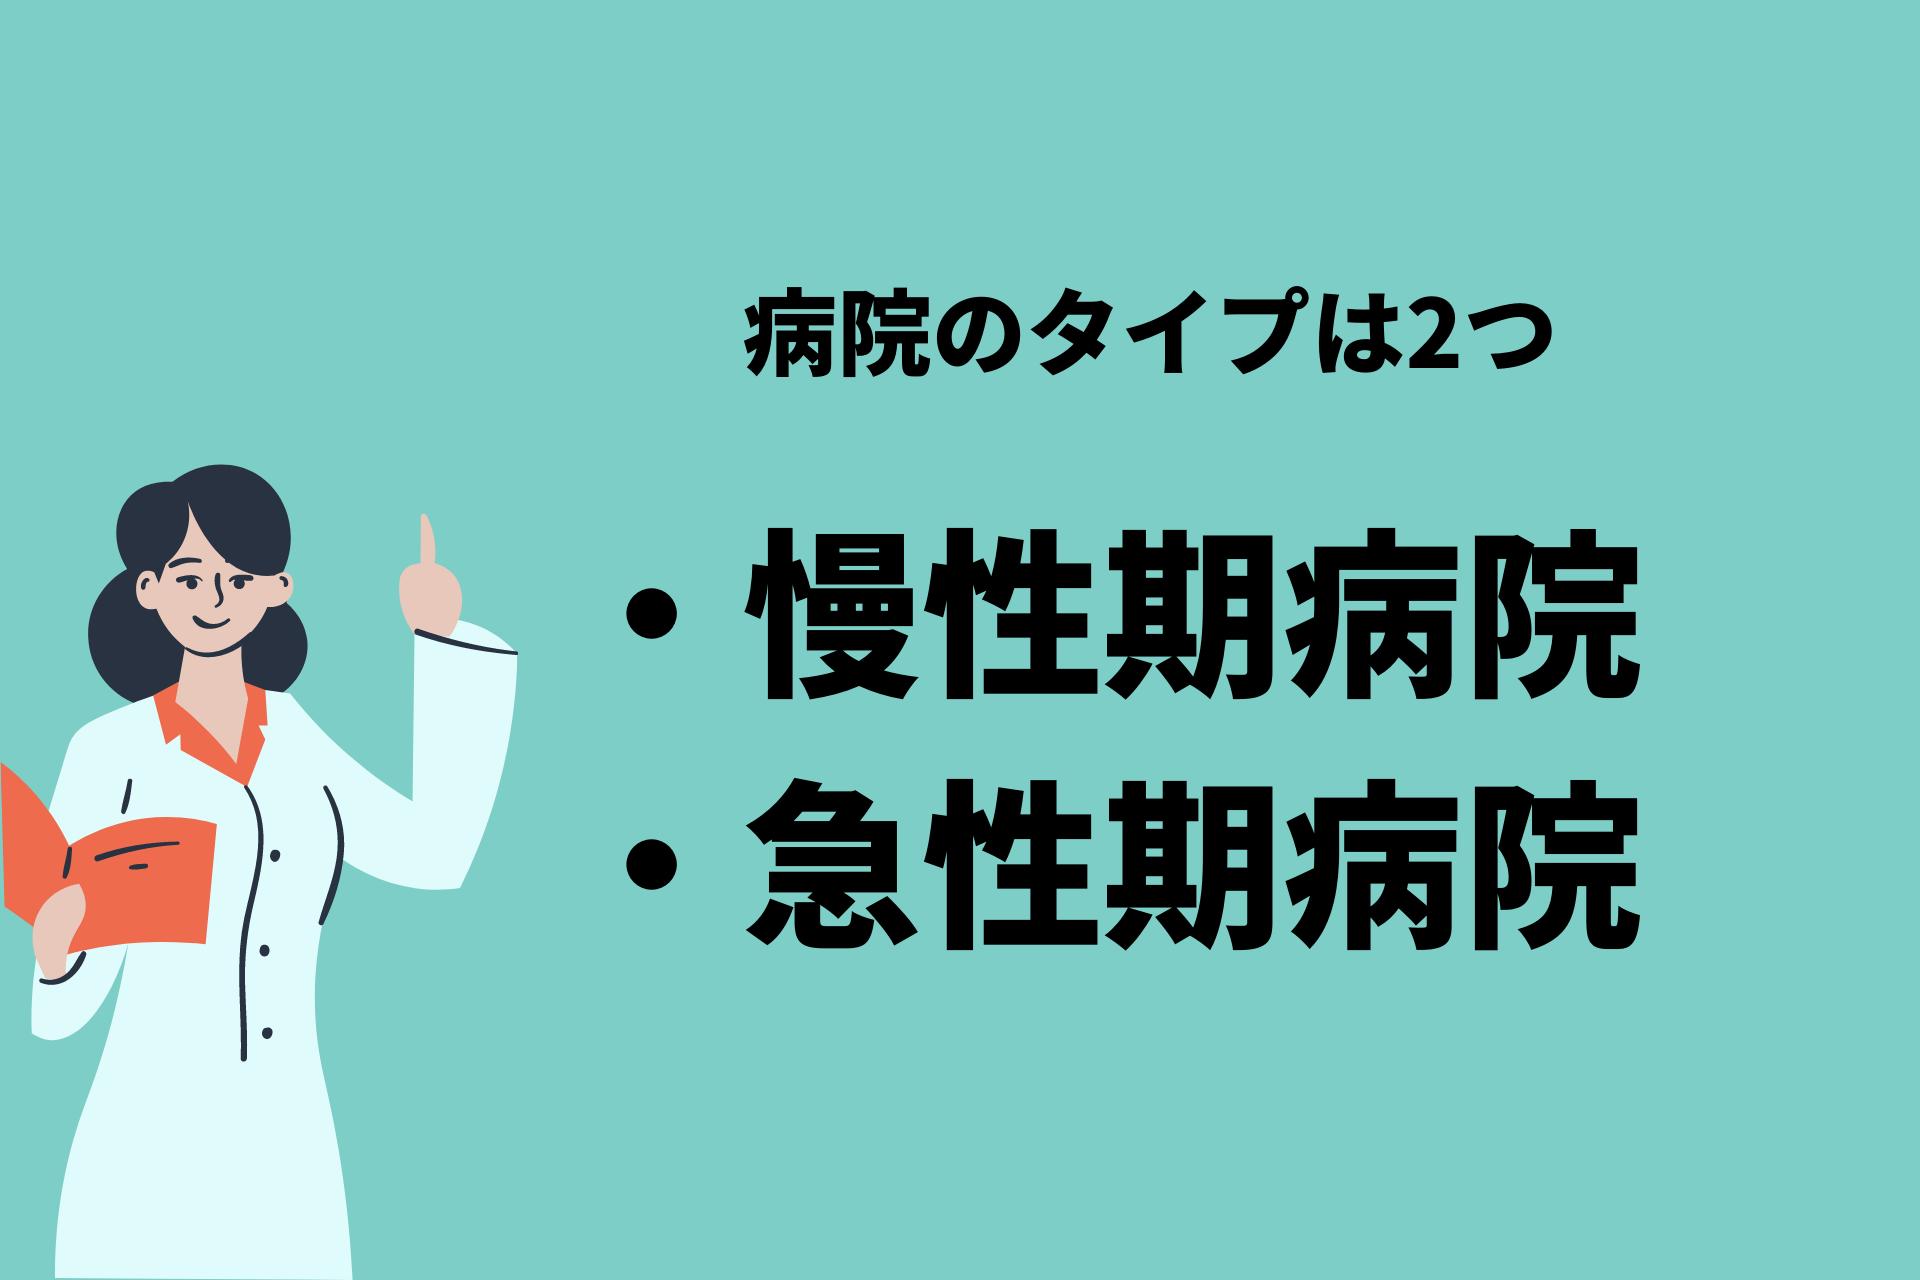 病院タイプとは「慢性期病院」と「急性期病院」